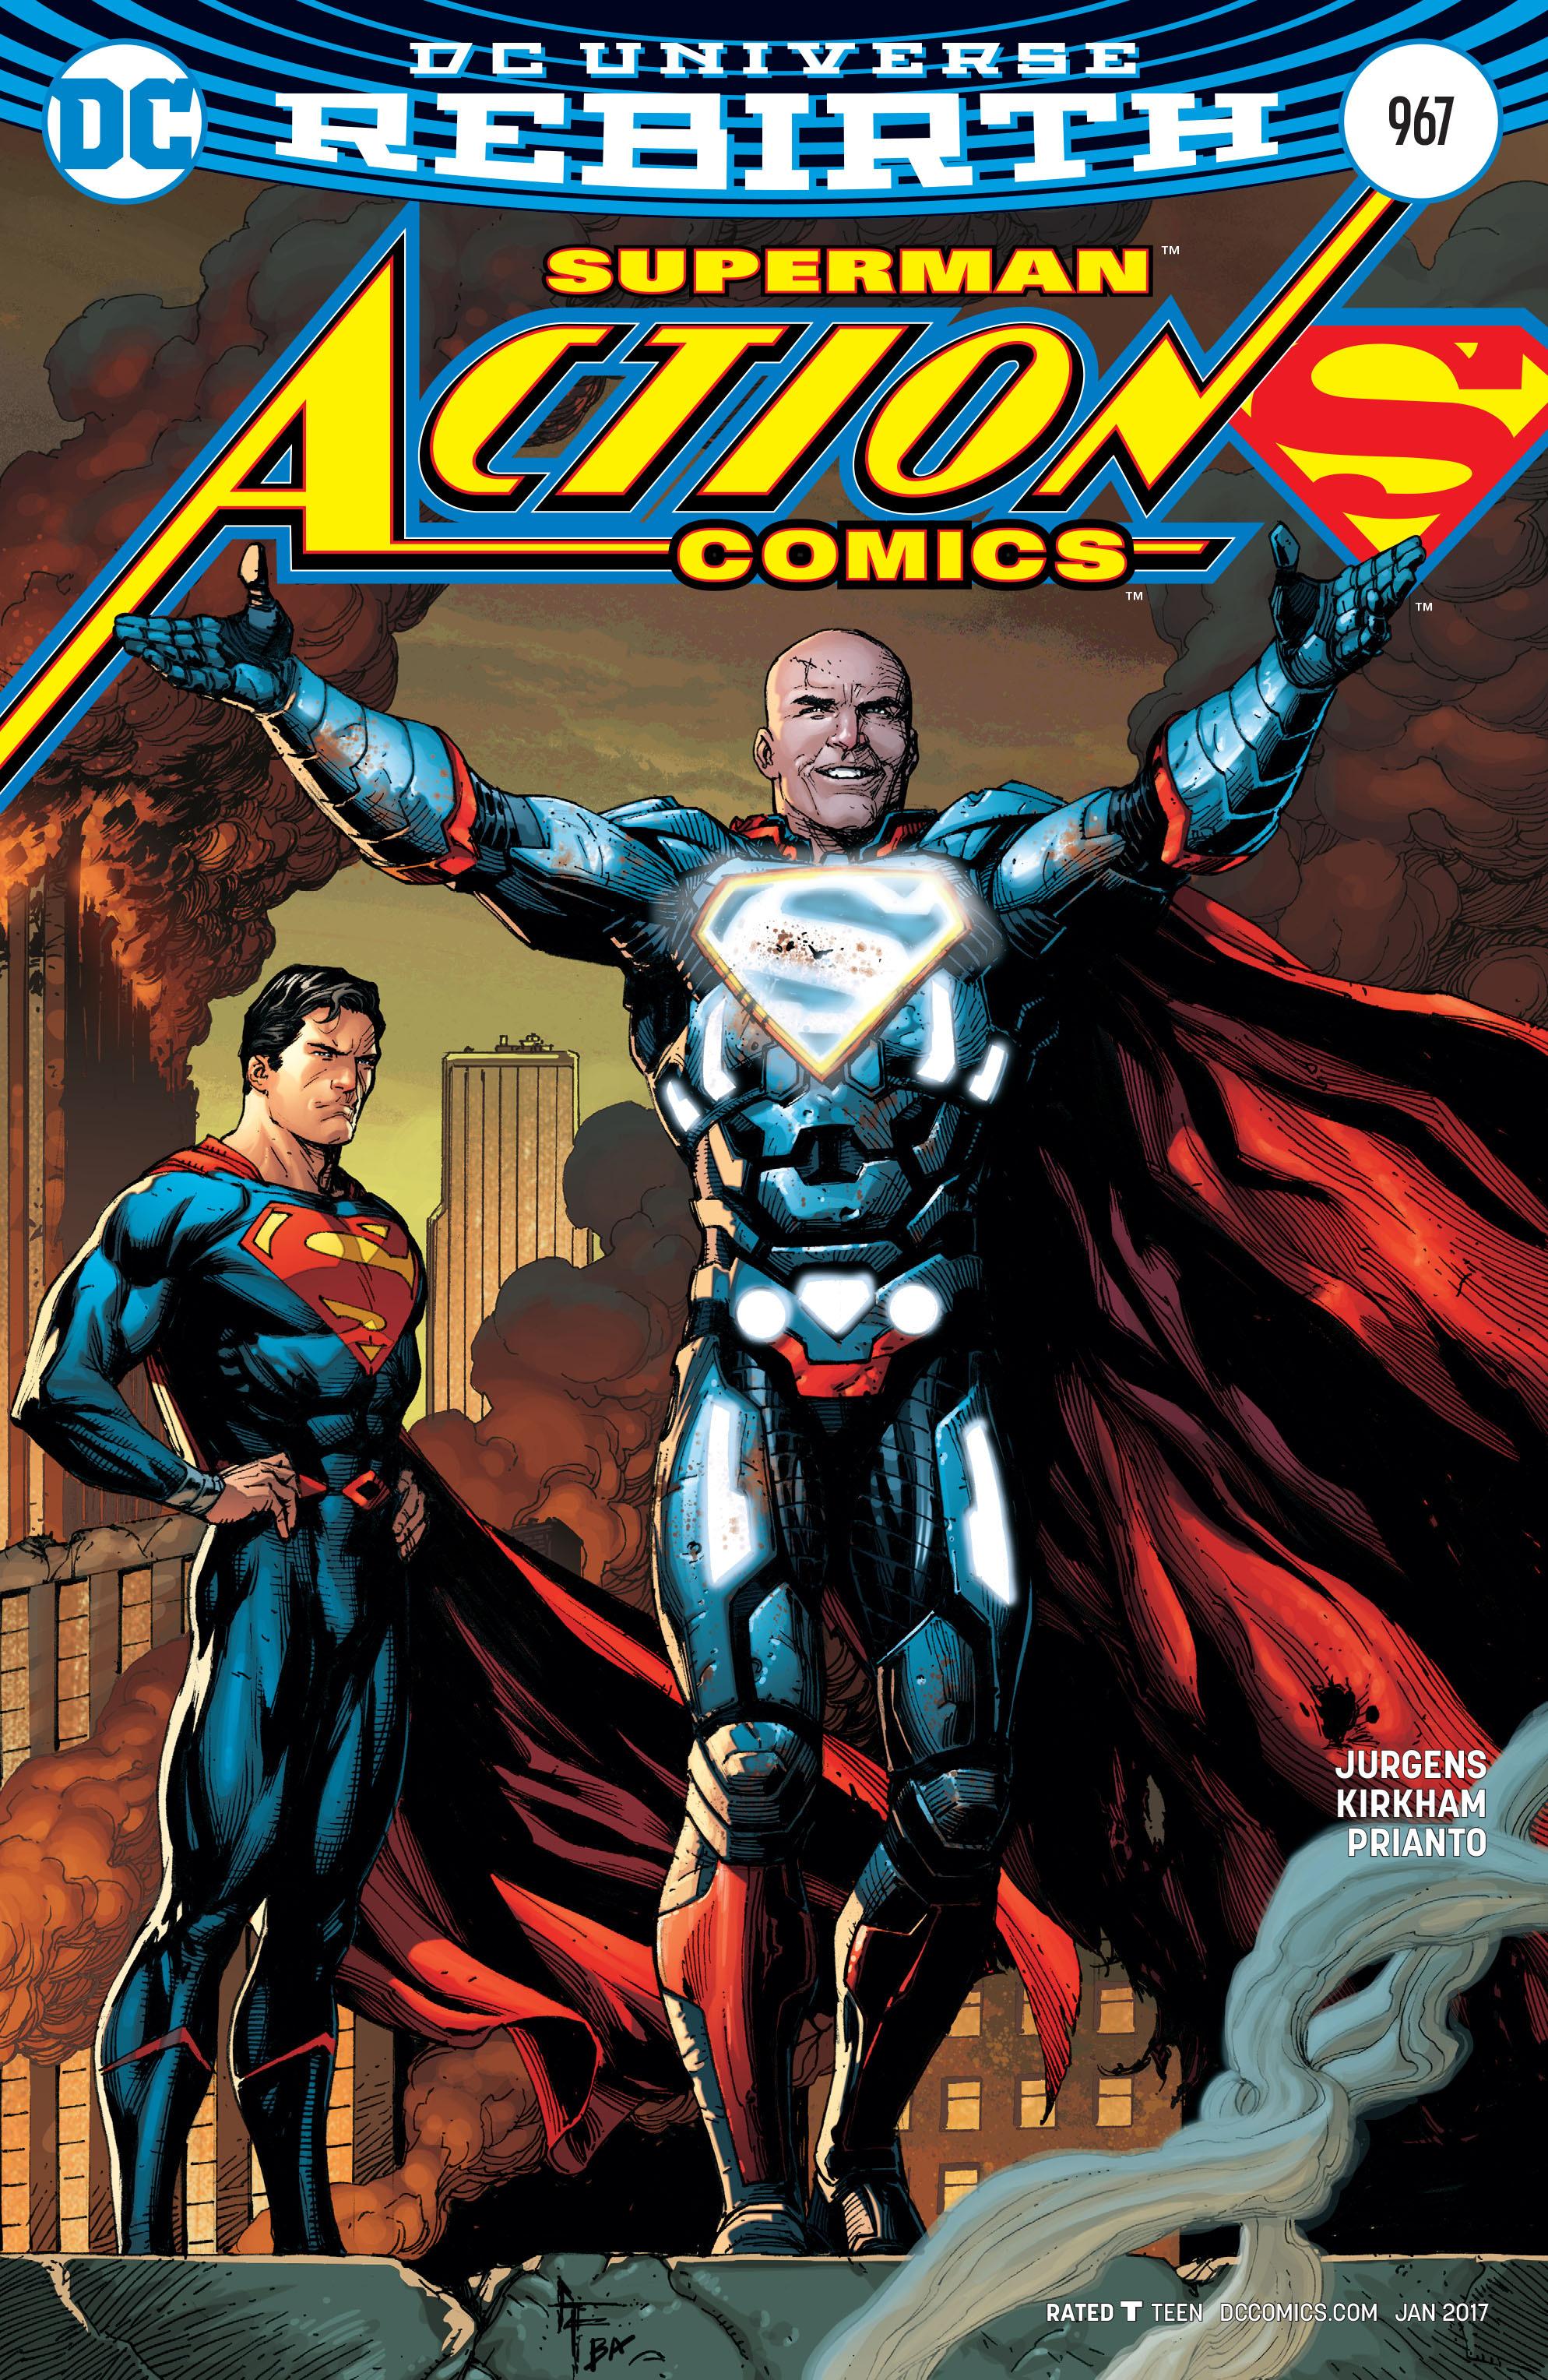 Action Comics Vol 1 967 Variant.jpg